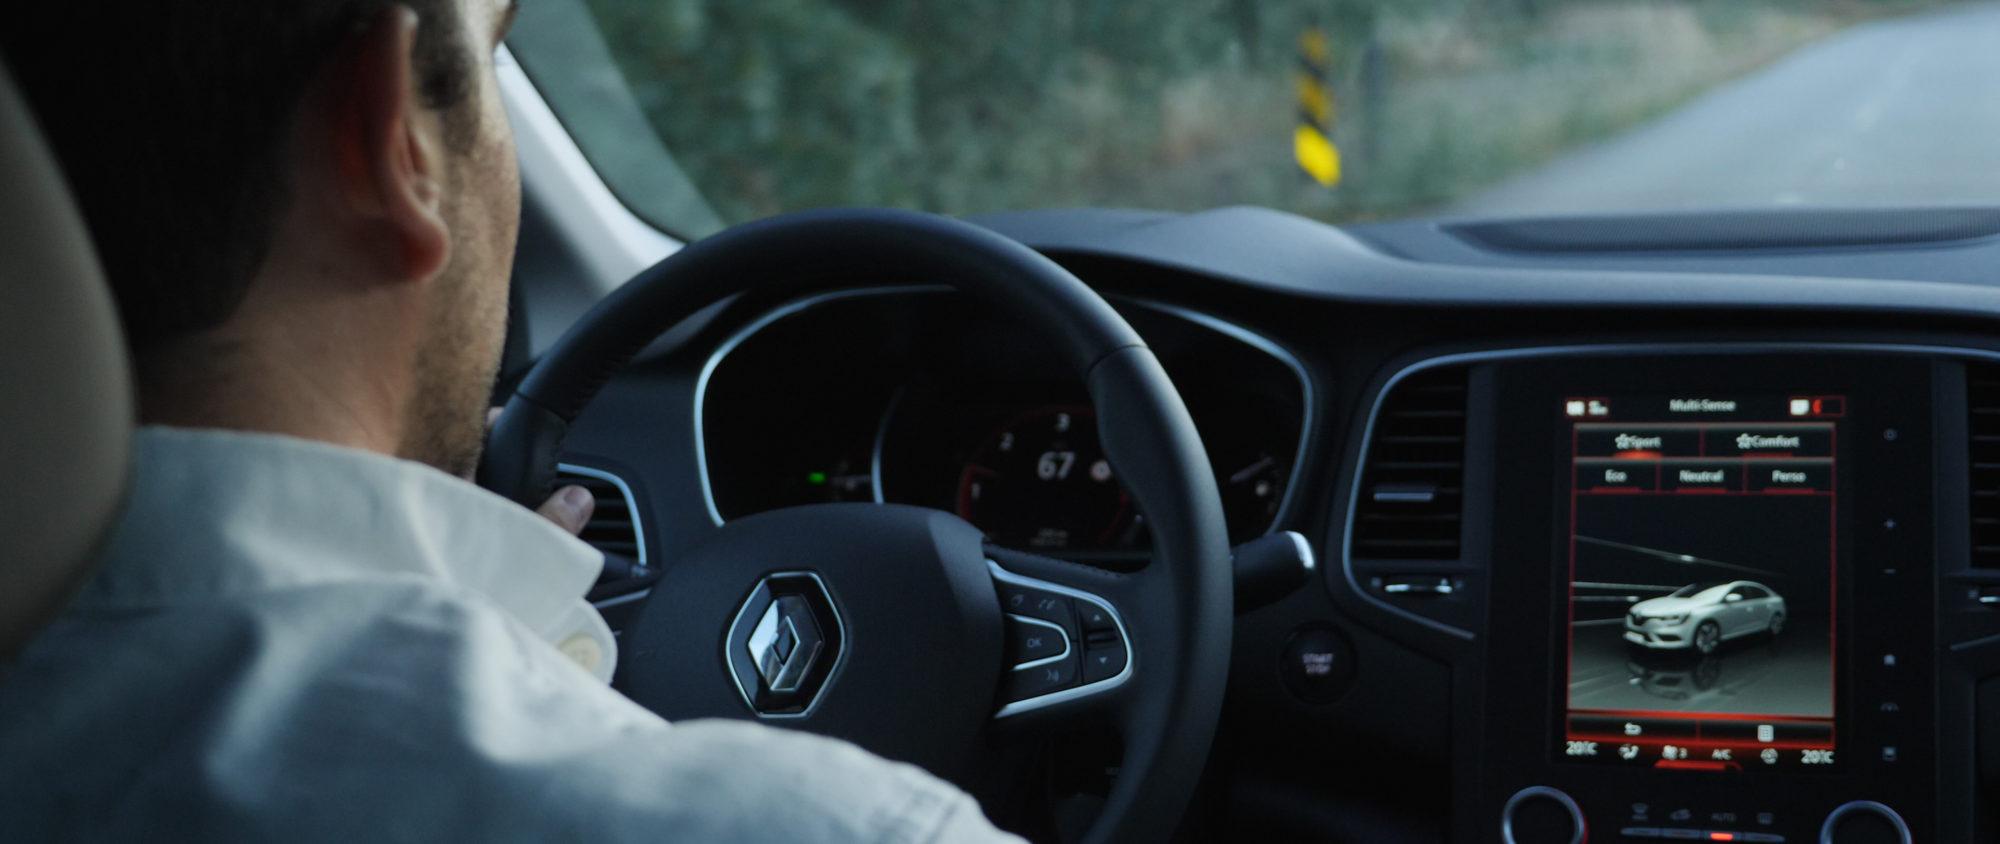 Renault Mégane Grand Coupé 2018